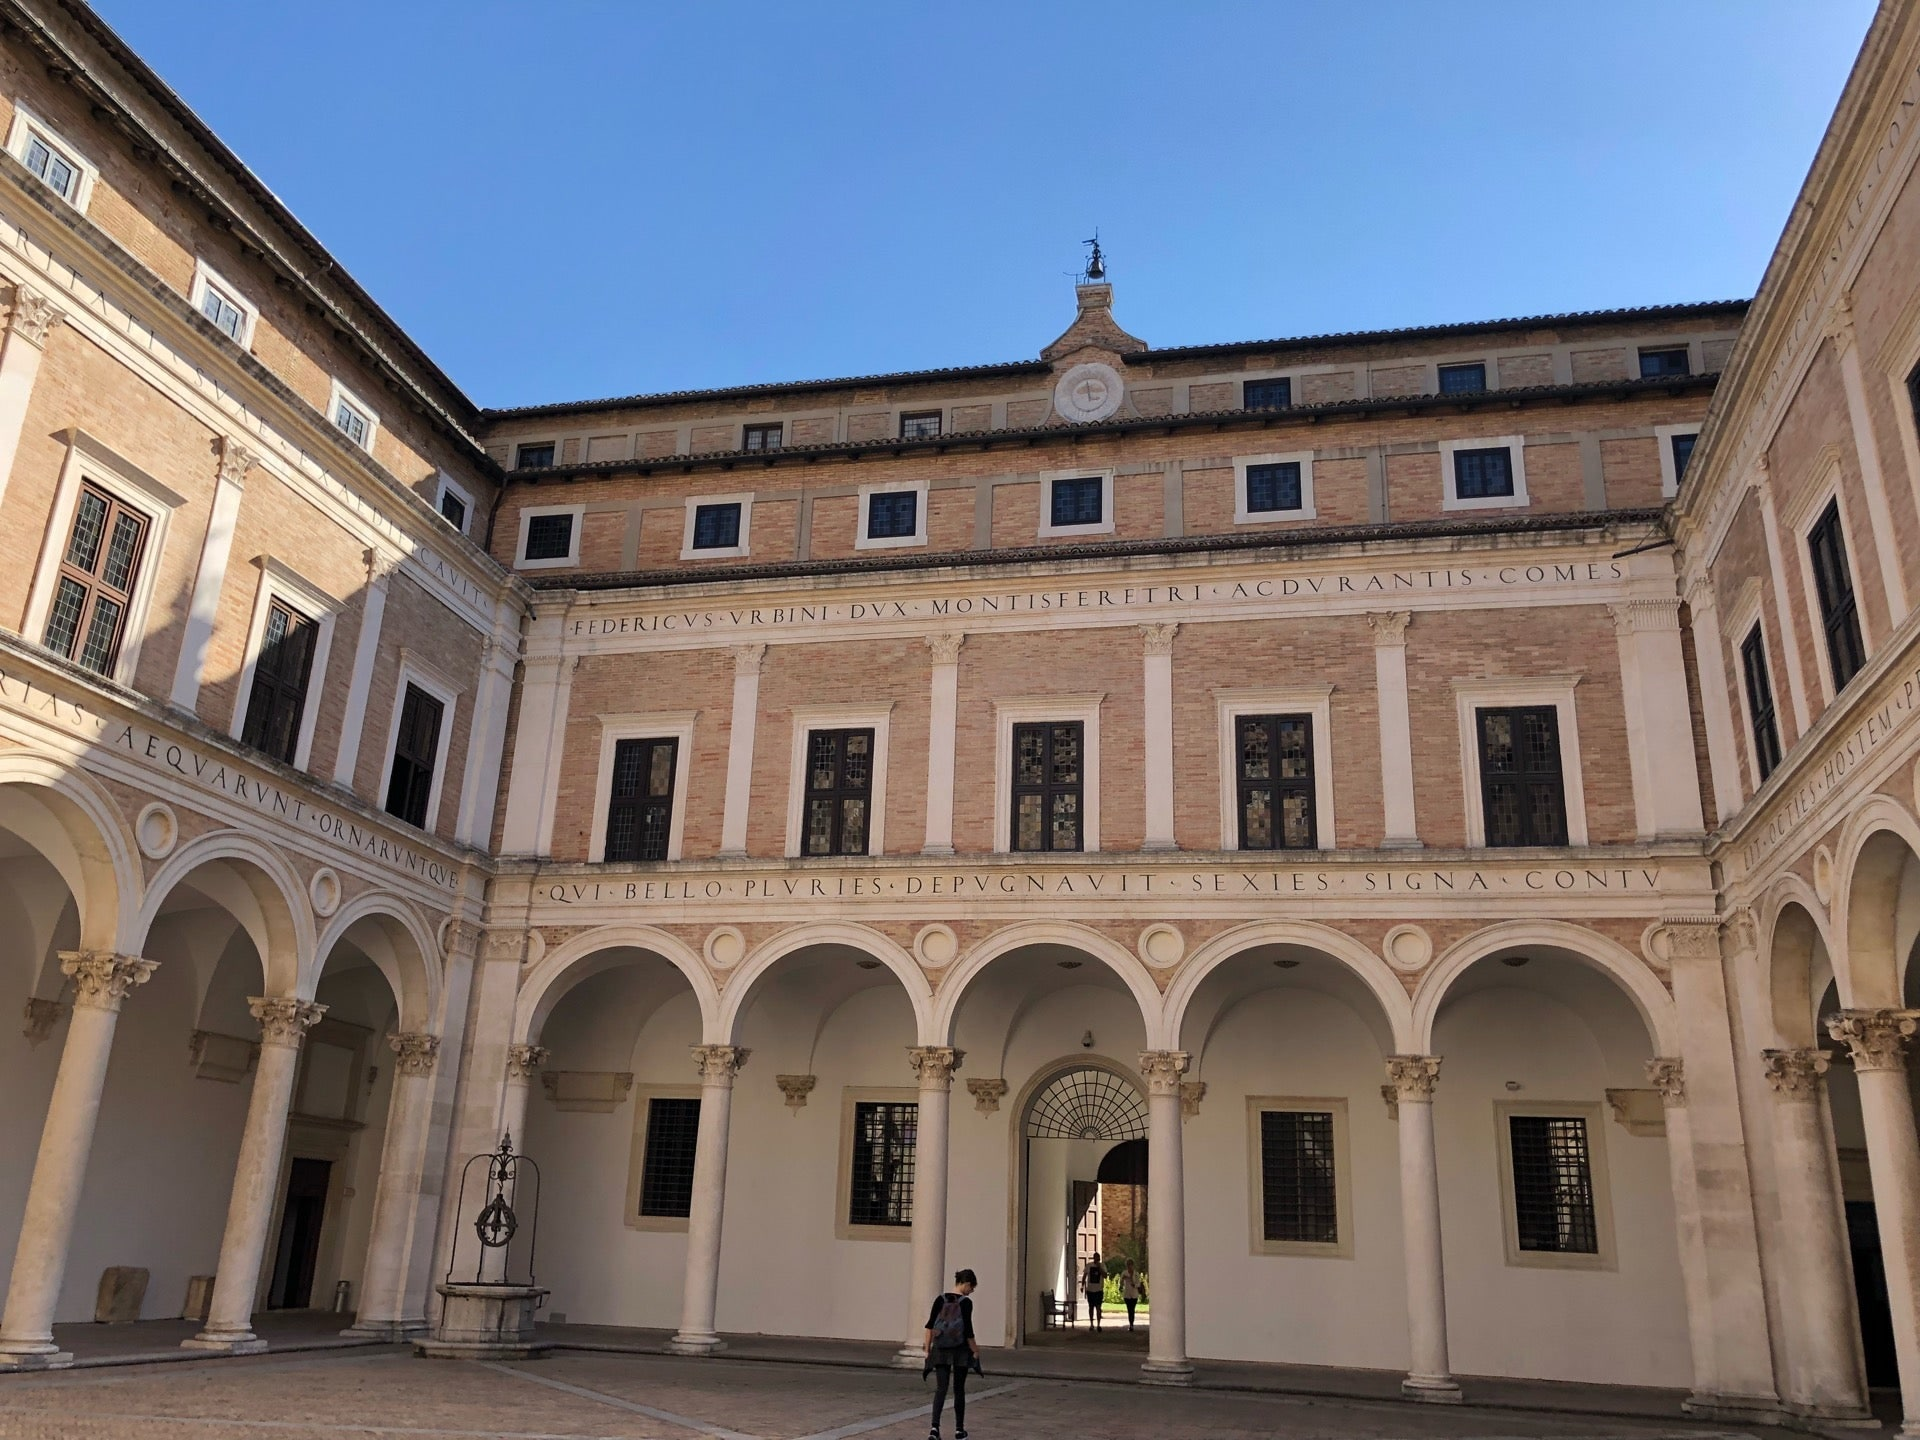 La Terrazza Del Duca Reviews Food Drinks In Marche Urbino